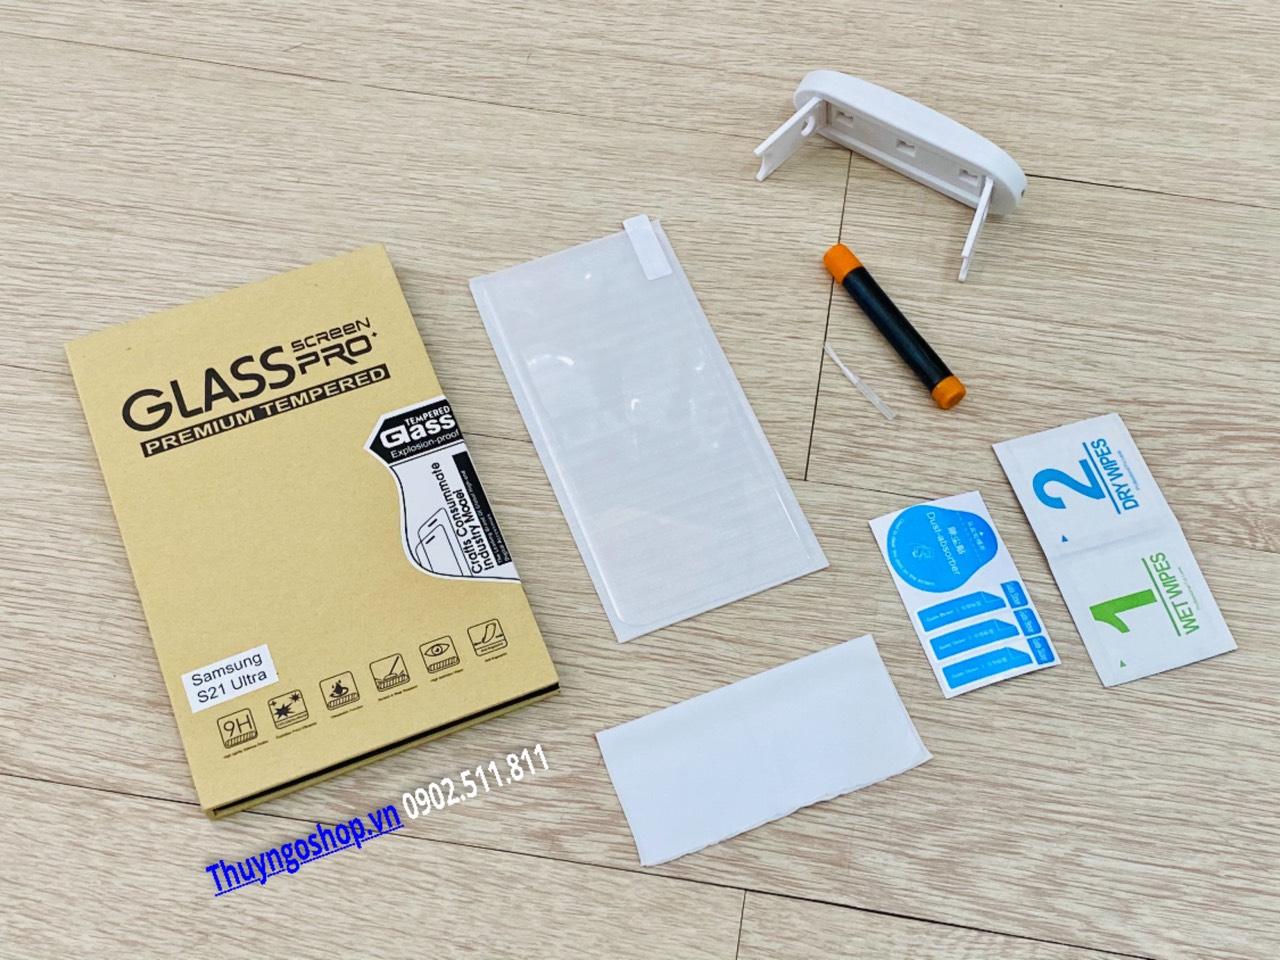 Samsung S21 Ultra - Kính cường lực UV (100% nhận mở khóa vân tay)